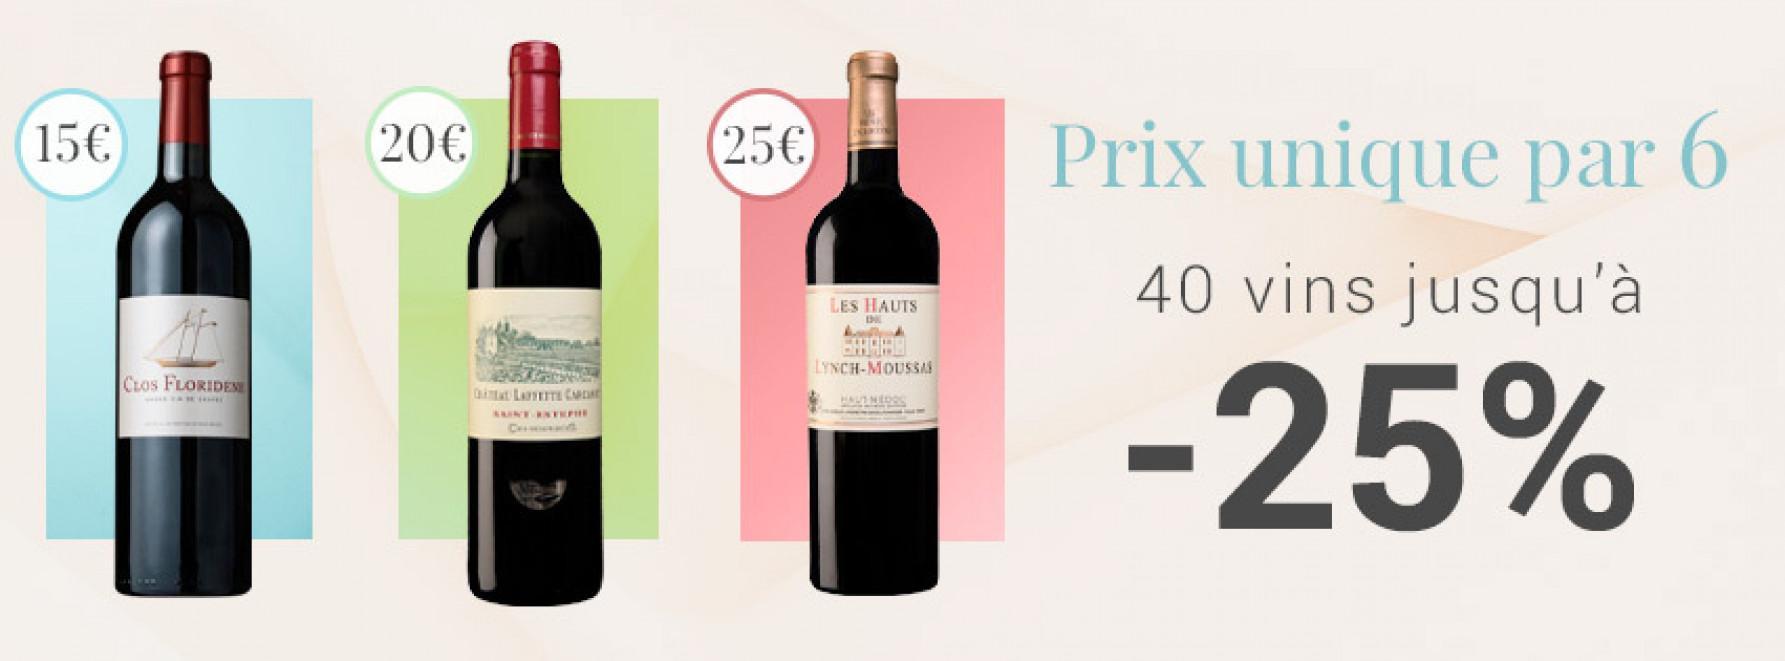 Prix unique par 6 : 15€ - 20€ - 25€